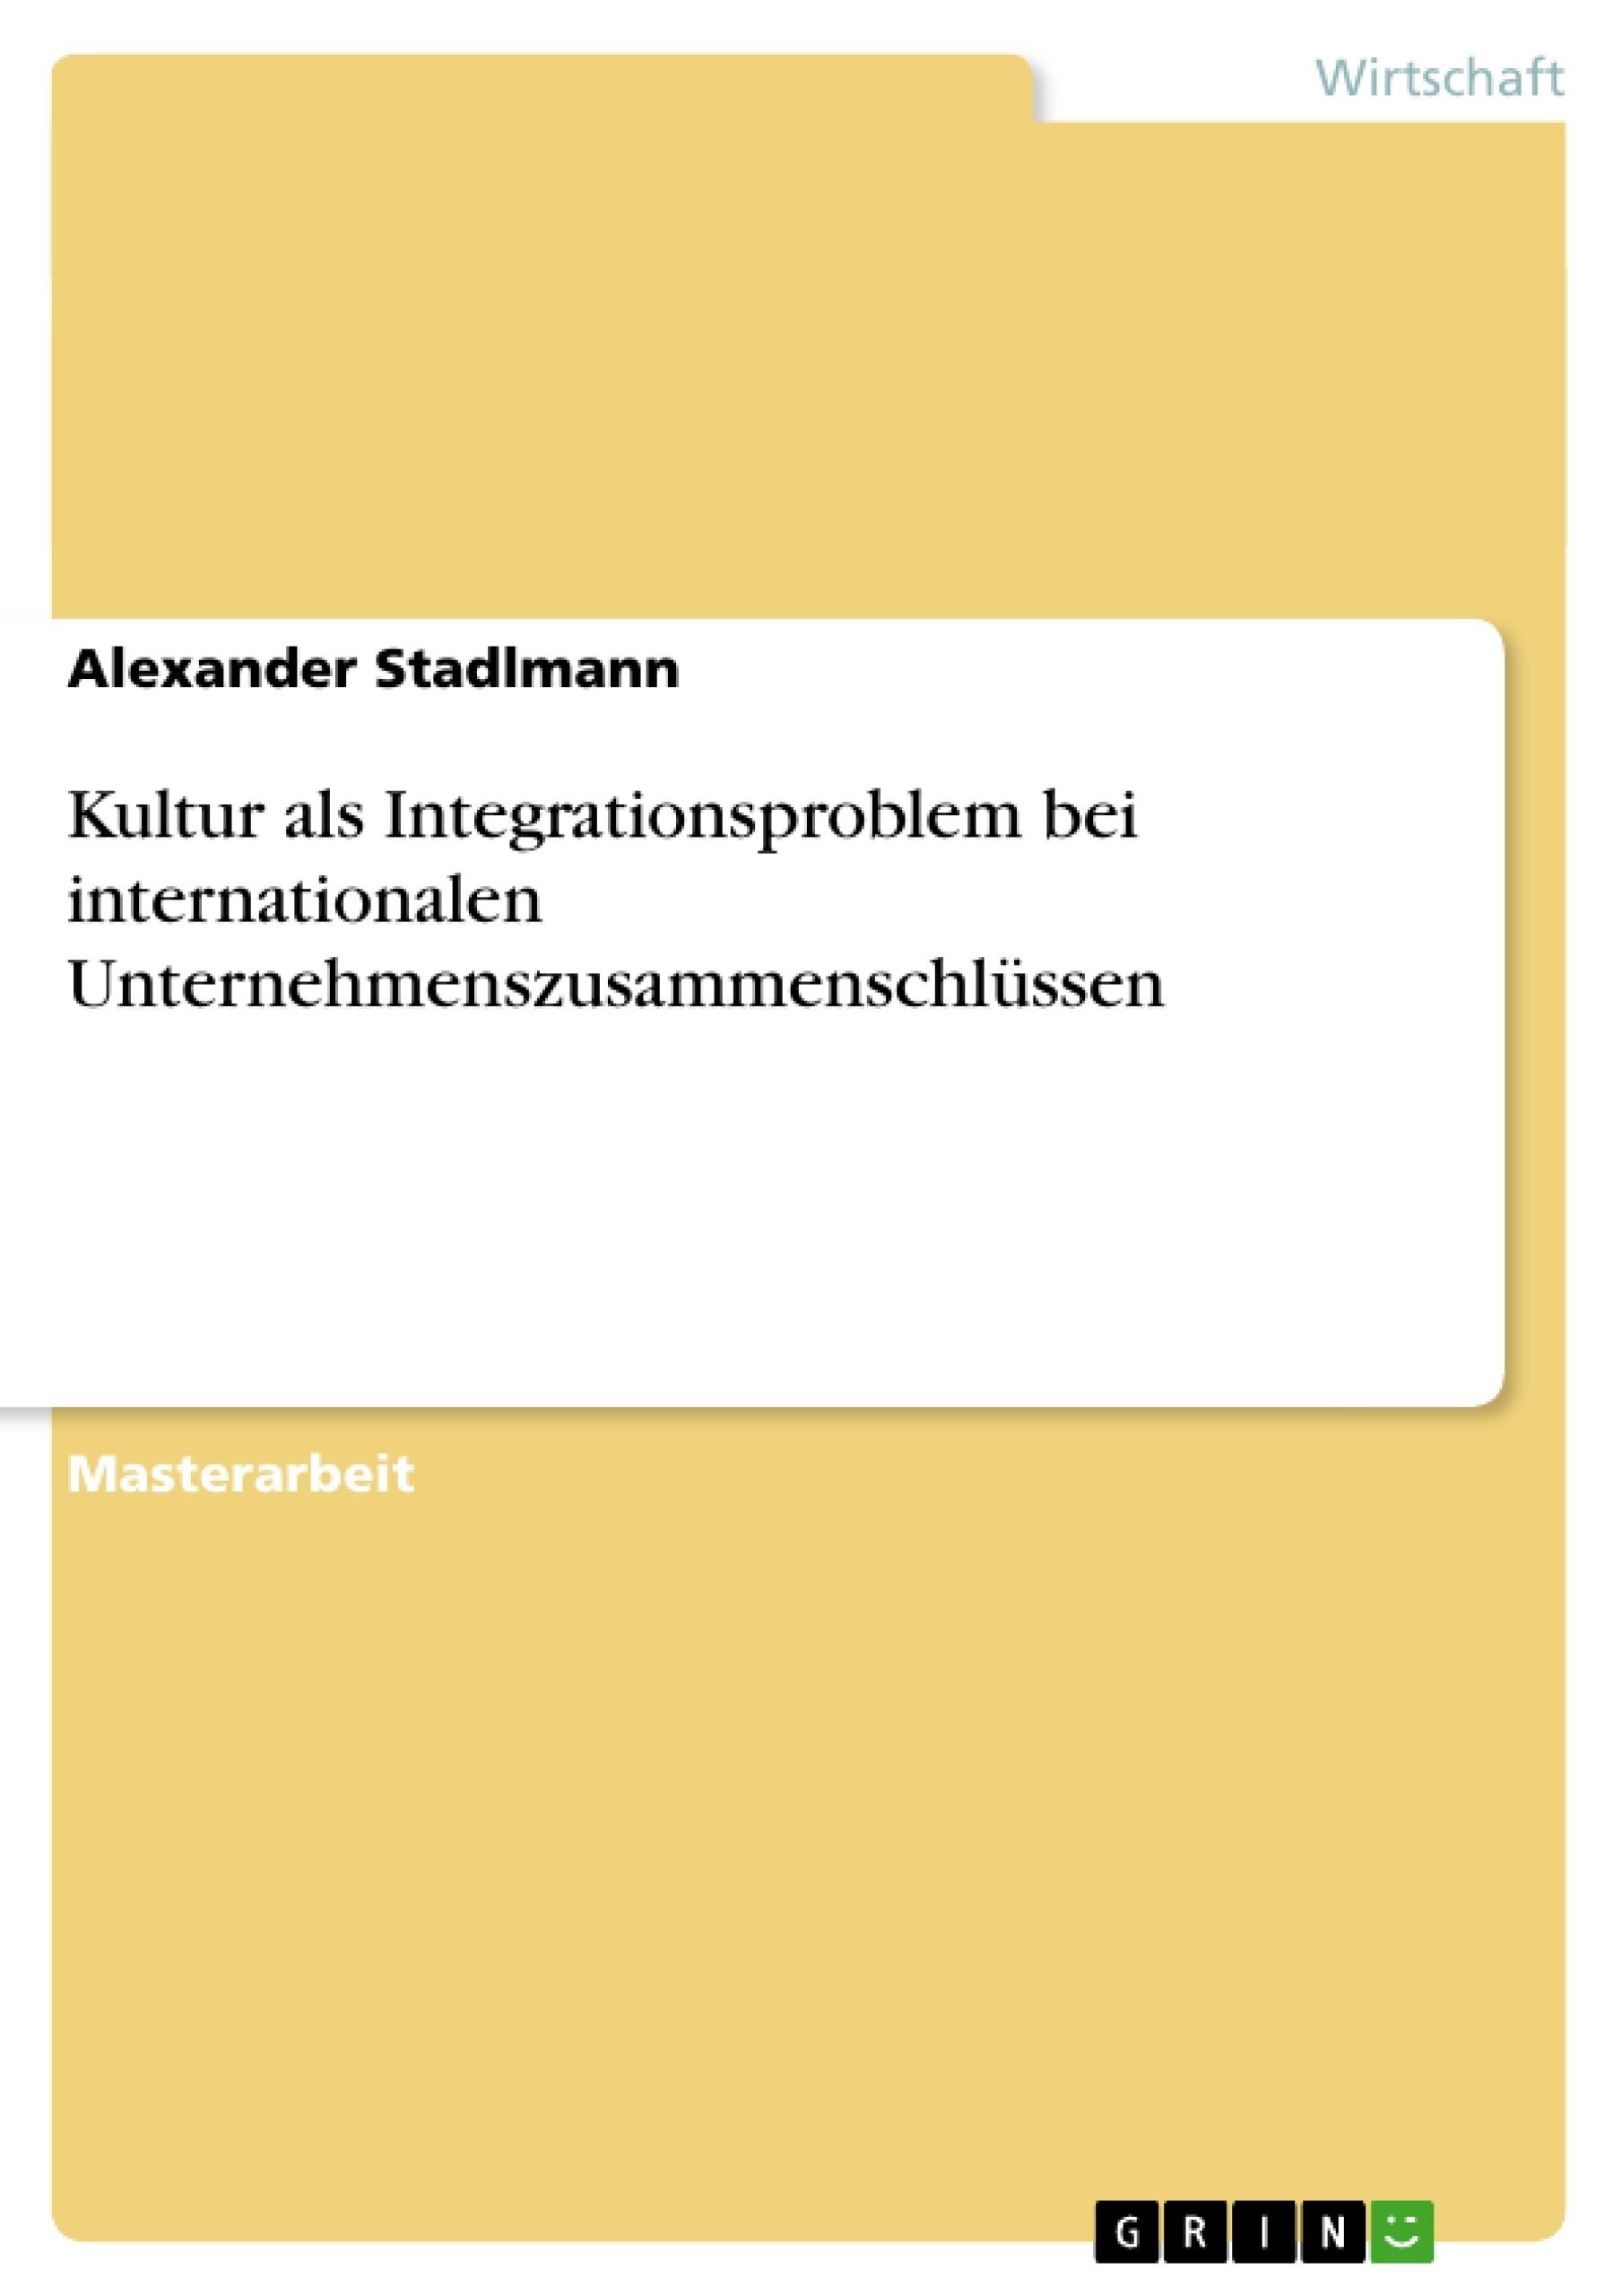 Titel: Kultur als Integrationsproblem bei internationalen Unternehmenszusammenschlüssen